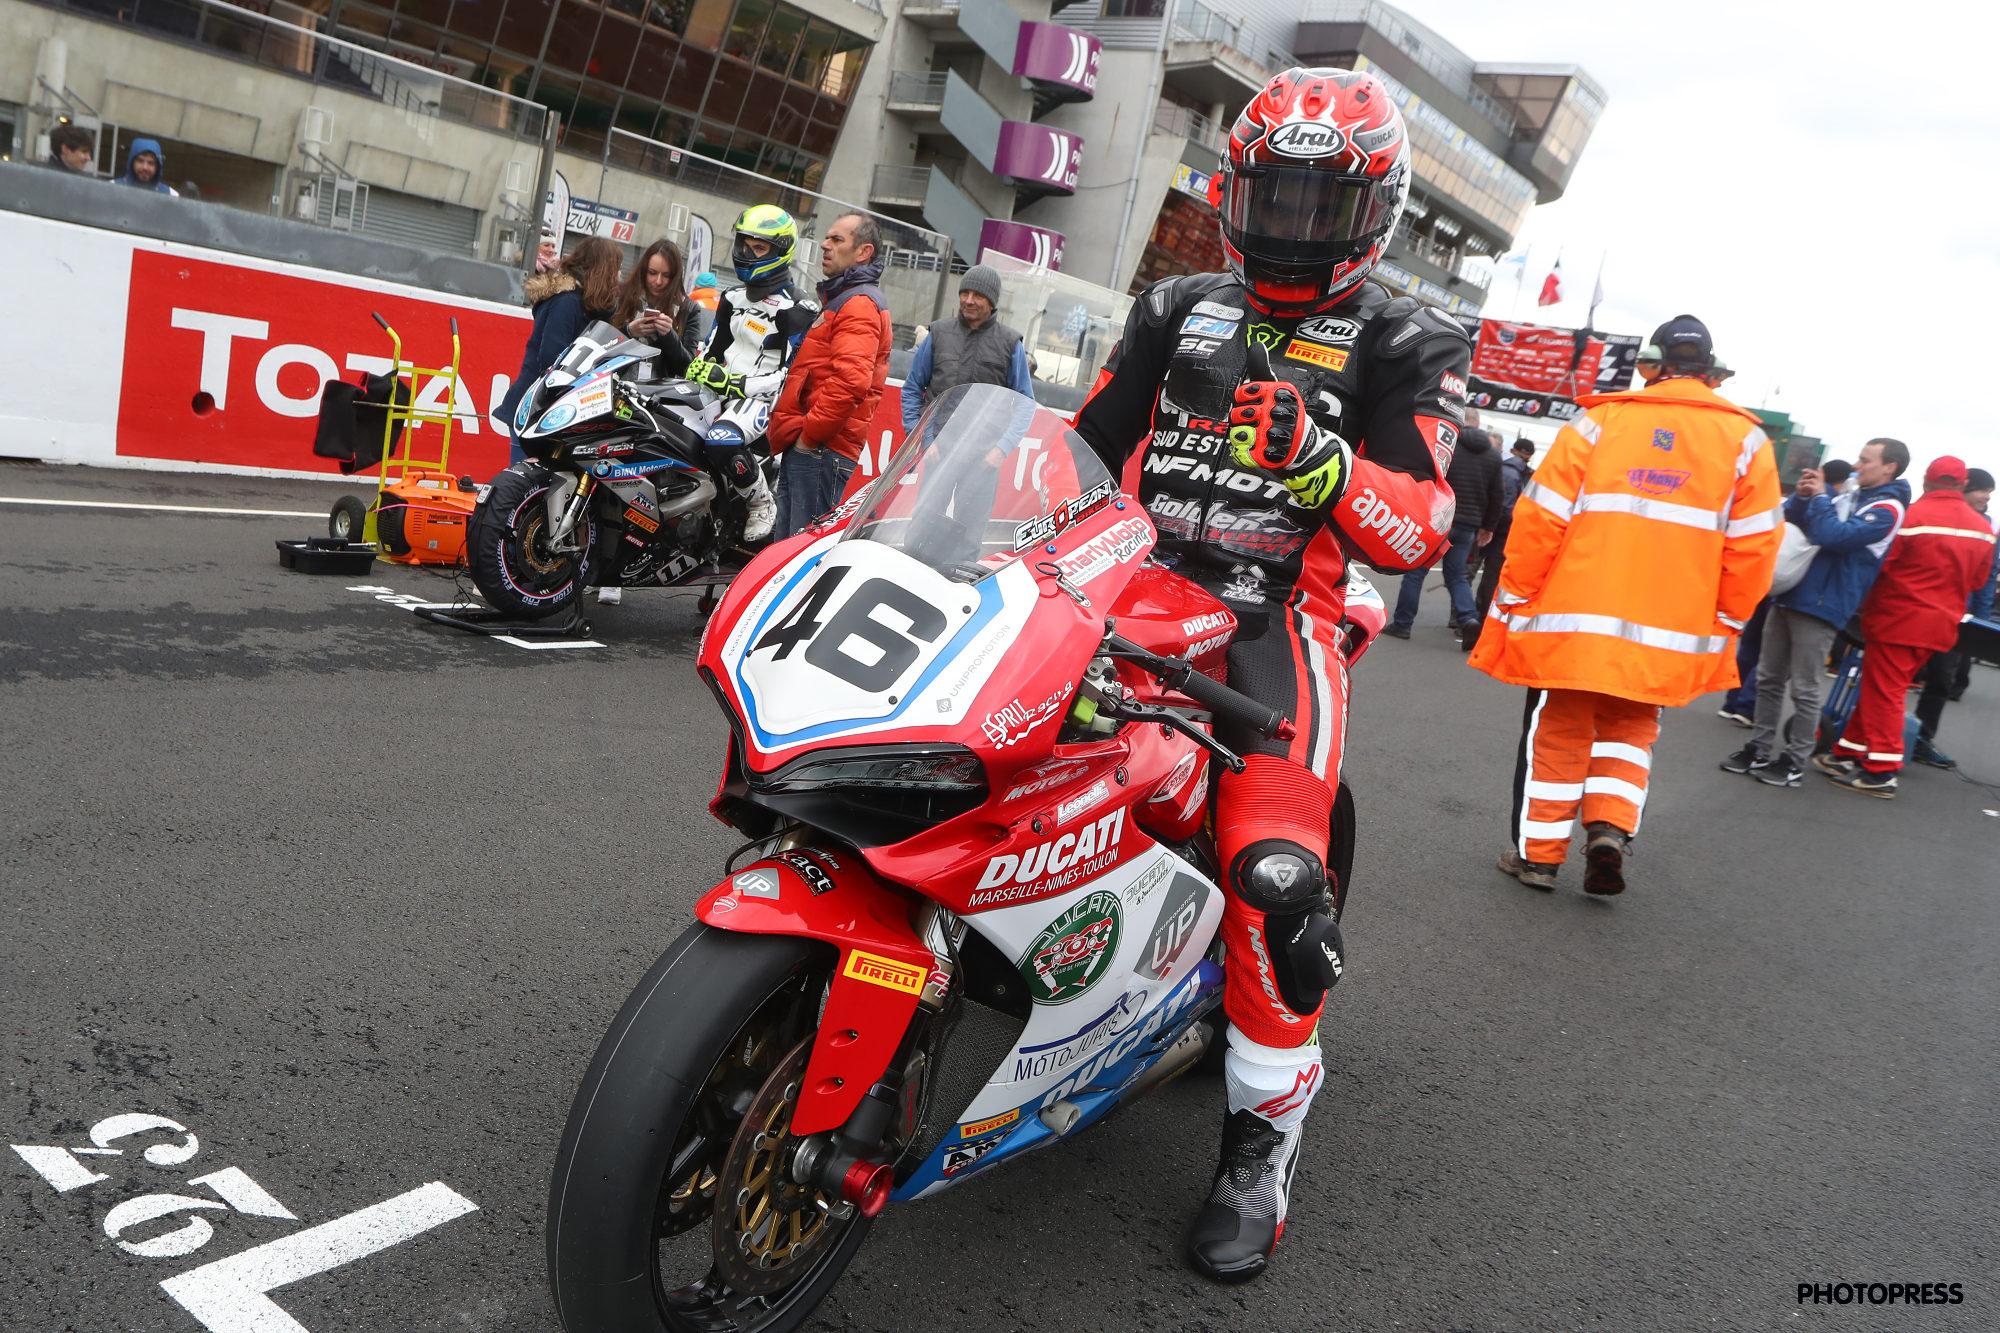 La Ducati a donné le meilleur d'elle-même sur la course